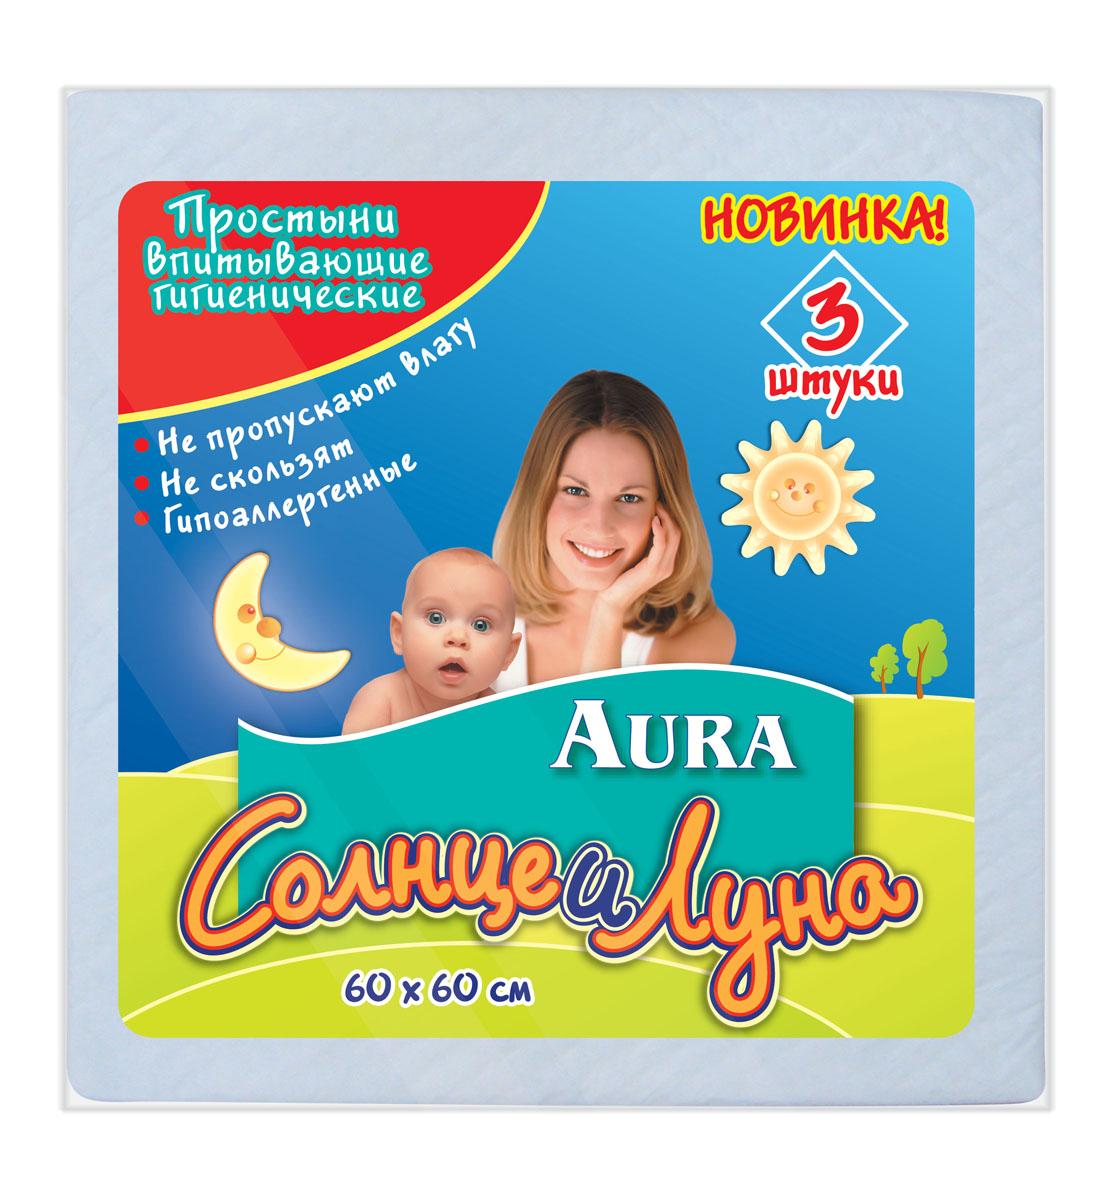 Простыни впитывающие гигиенические Aura Солнце и Луна, 60 см х 60 см, 3 шт3339Впитывающие гигиенические простыни Aura Солнце и Луна предназначены для дополнительной защиты постельного белья при уходе за детьми. Поверхность из мягкого нетканого материала не раздражает кожу. Специальная пробивка и внутренний слой из распушенной целлюлозы обеспечивают быстрое впитывание и распределение влаги. Внутренний слой простыни представляет собой нескользящую защитную пленку, препятствующую протеканию. Края простыни надежно скреплены для лучшей защиты. Простыни удобны во время смены подгузника. В комплект входят 3 одноразовые простыни. Характеристики:Материал: распушенная целлюлоза, нетканный материал, полиэтилен, медицинская бумага. Размер простыни: 60 см x 60 см.